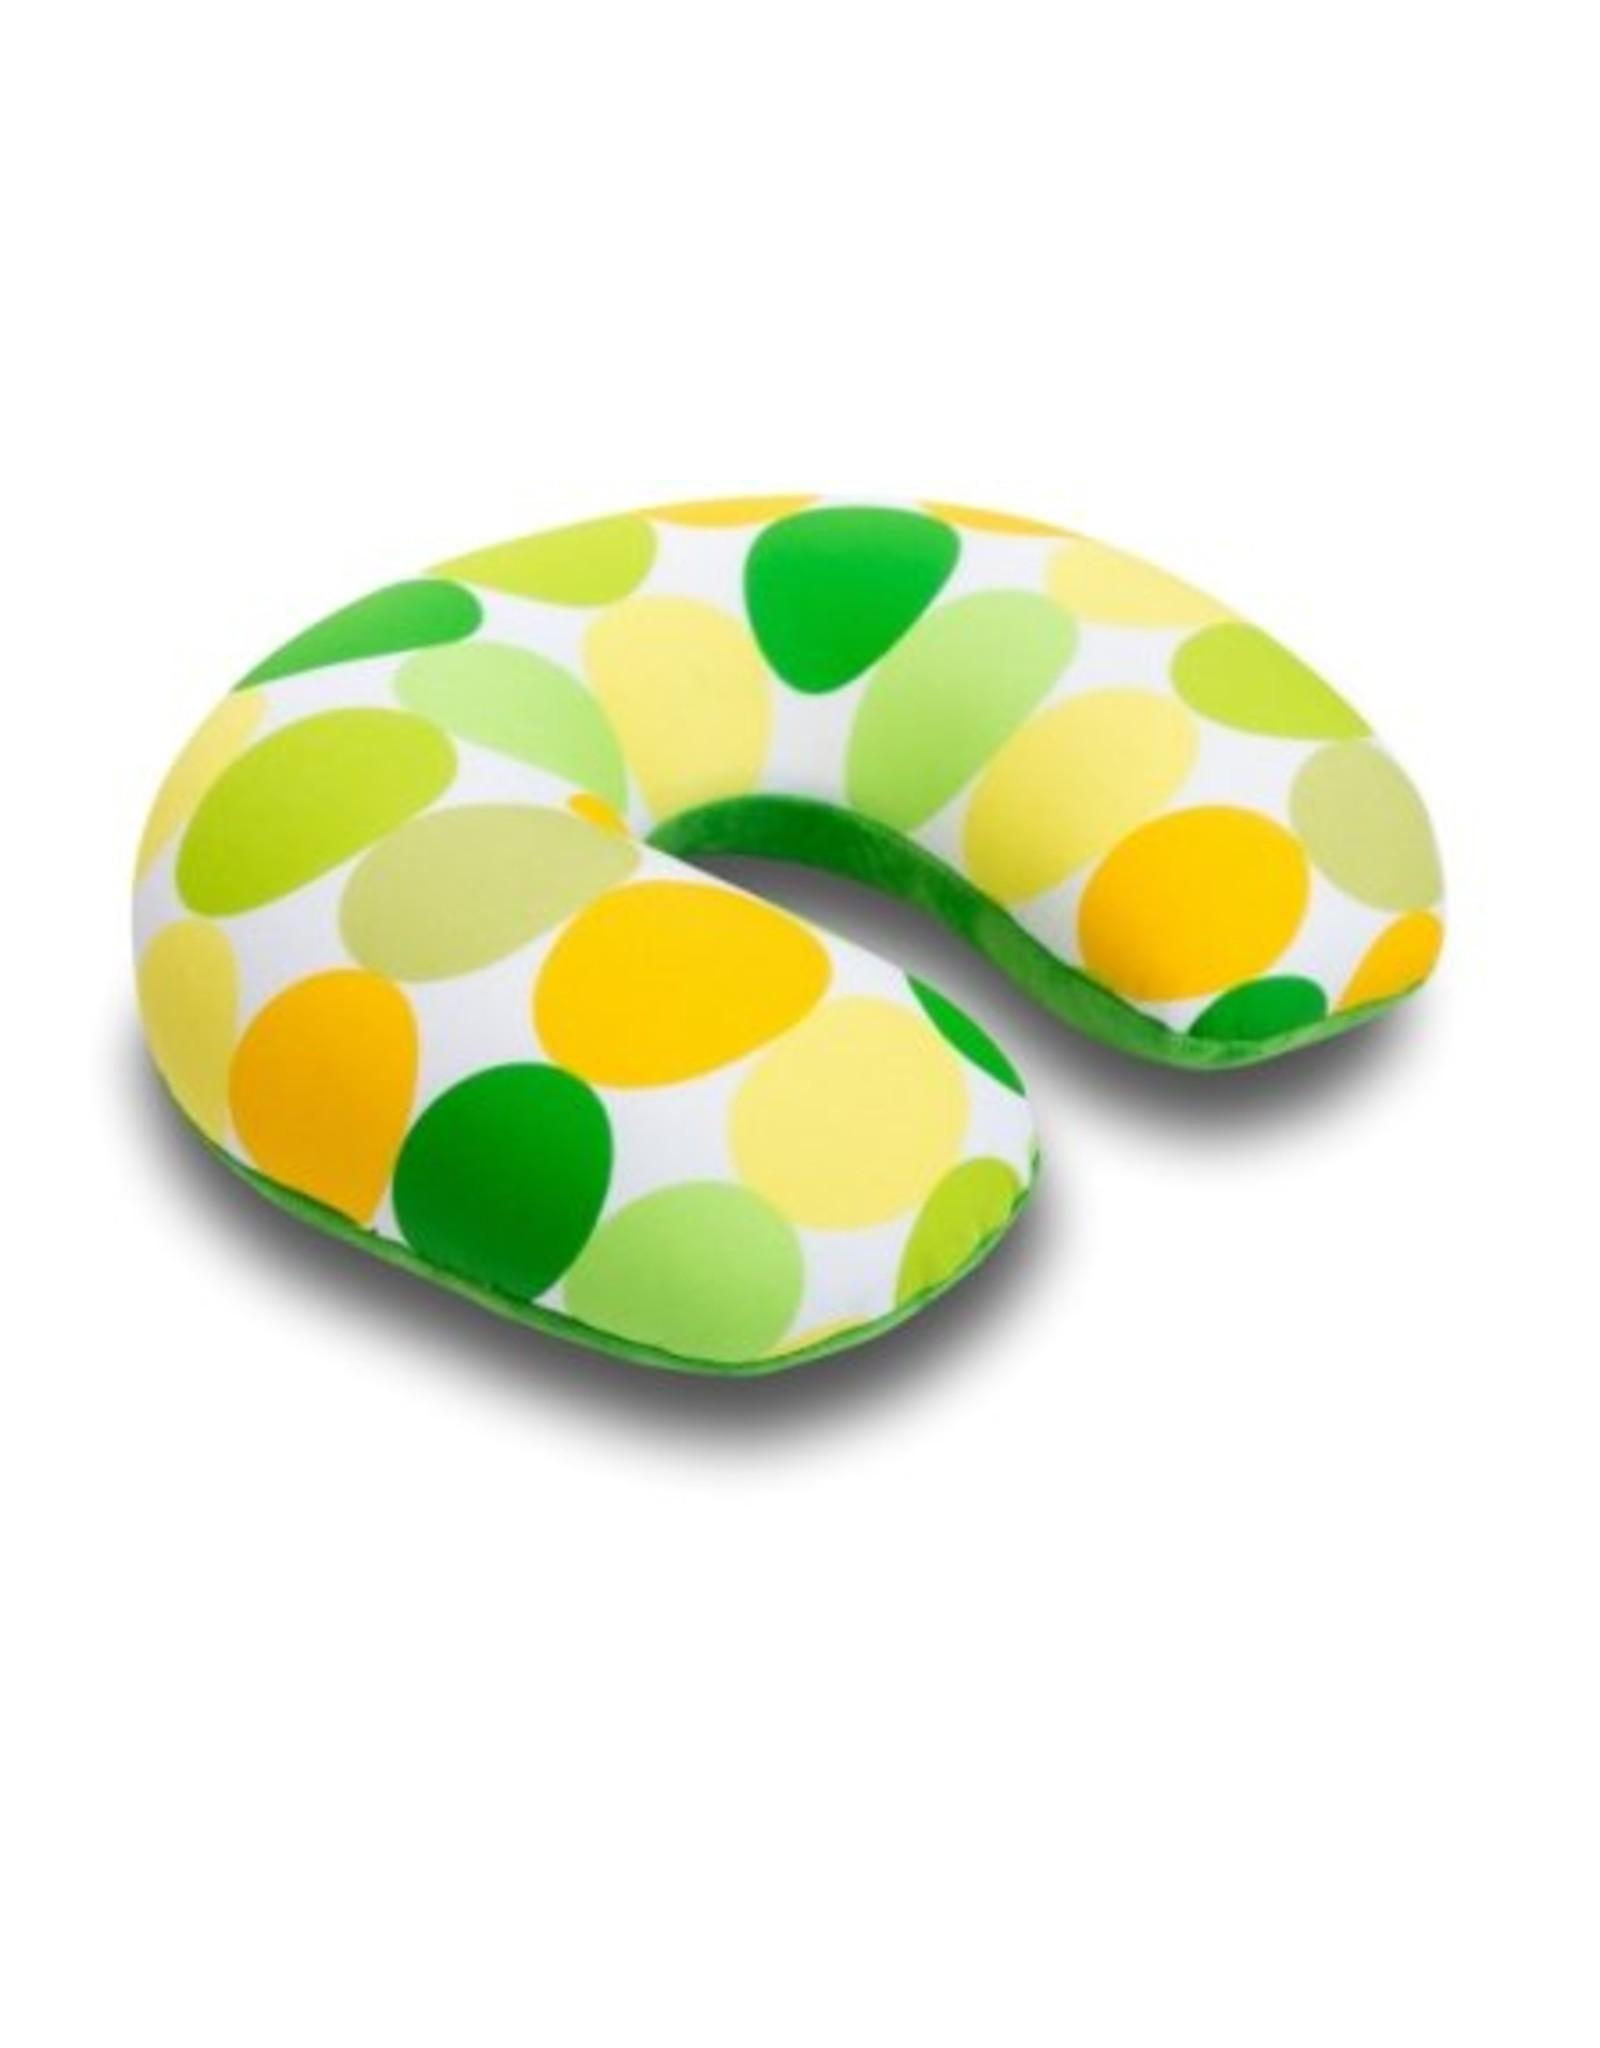 Kuschel-Maxx Kuschel-Maxx - Nack cushion Dots Yellow ohne Knopf